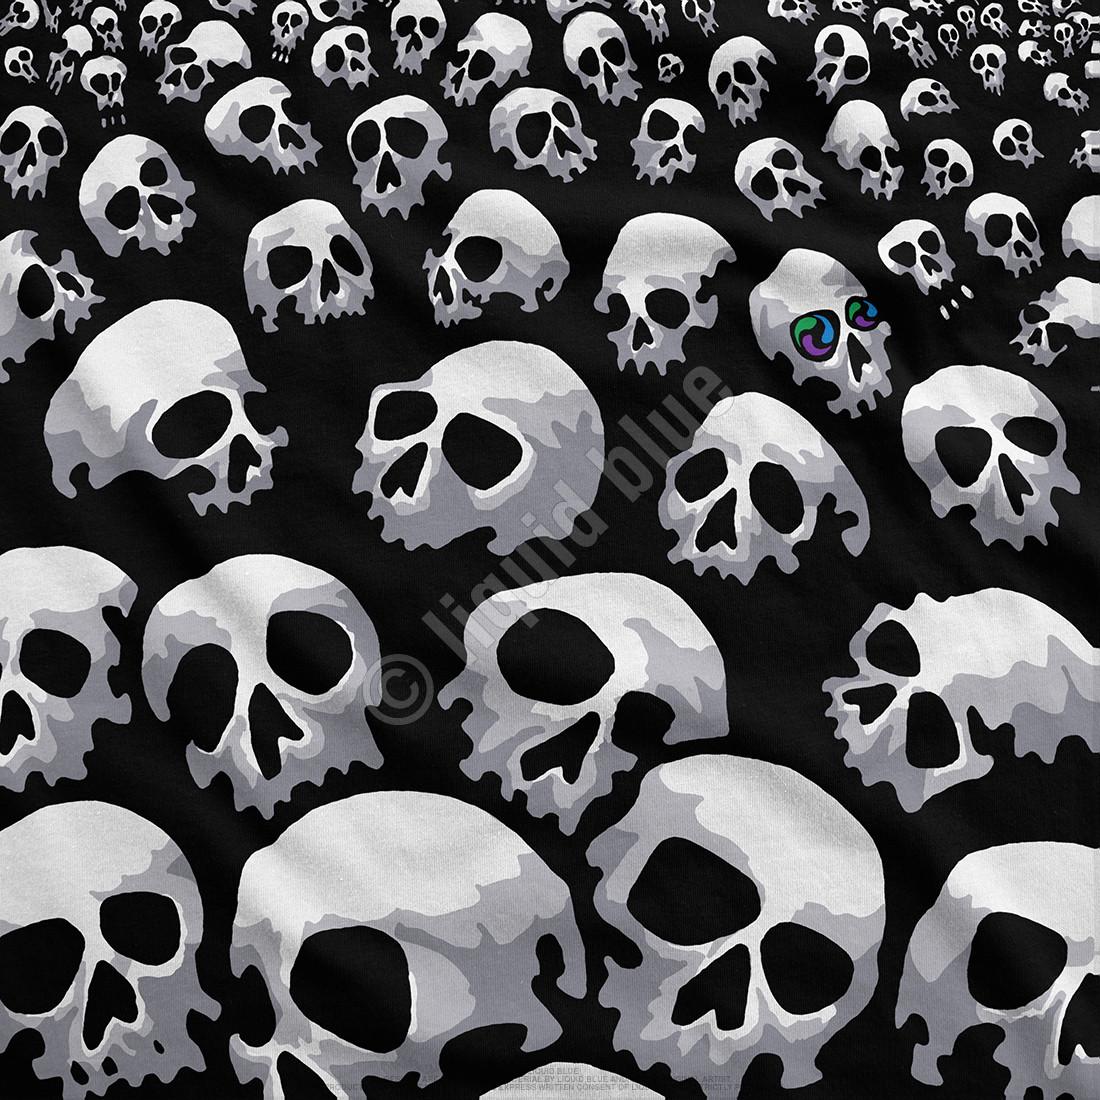 Son Of Skulls Black T-Shirt